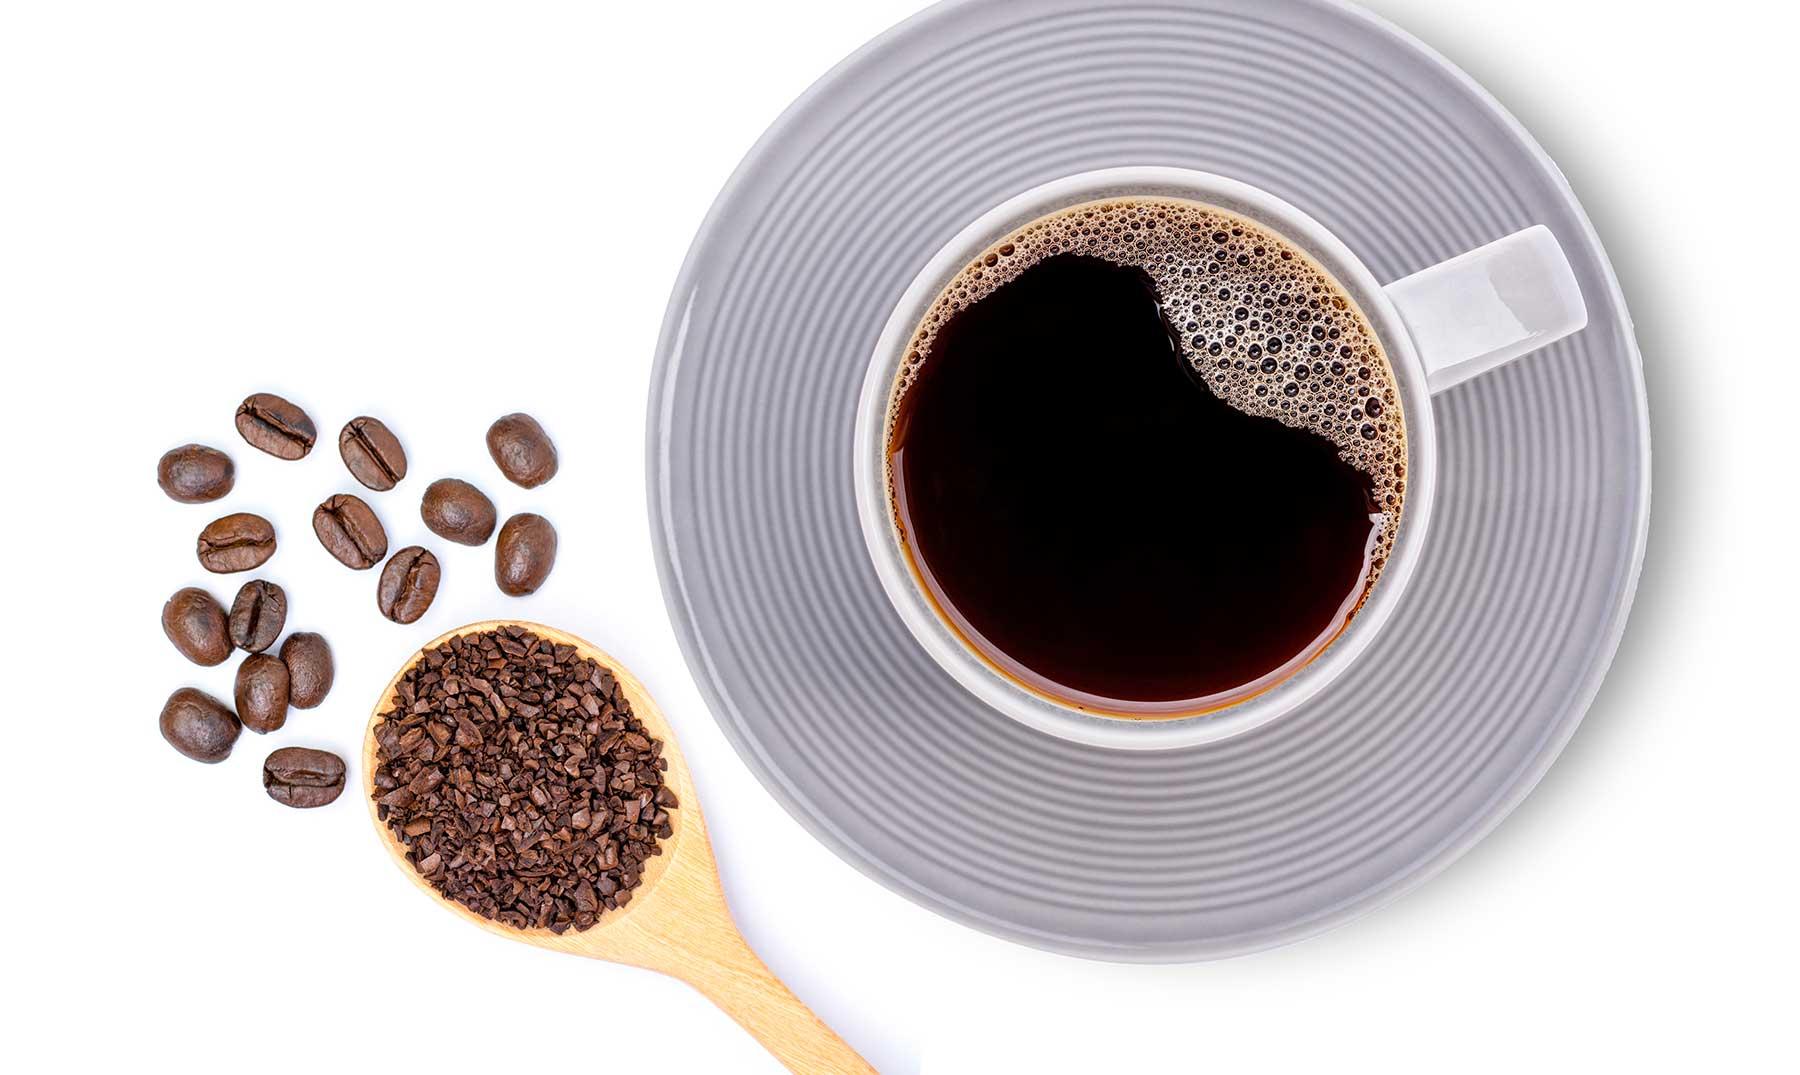 taza de café con cuchara llena de granos de café